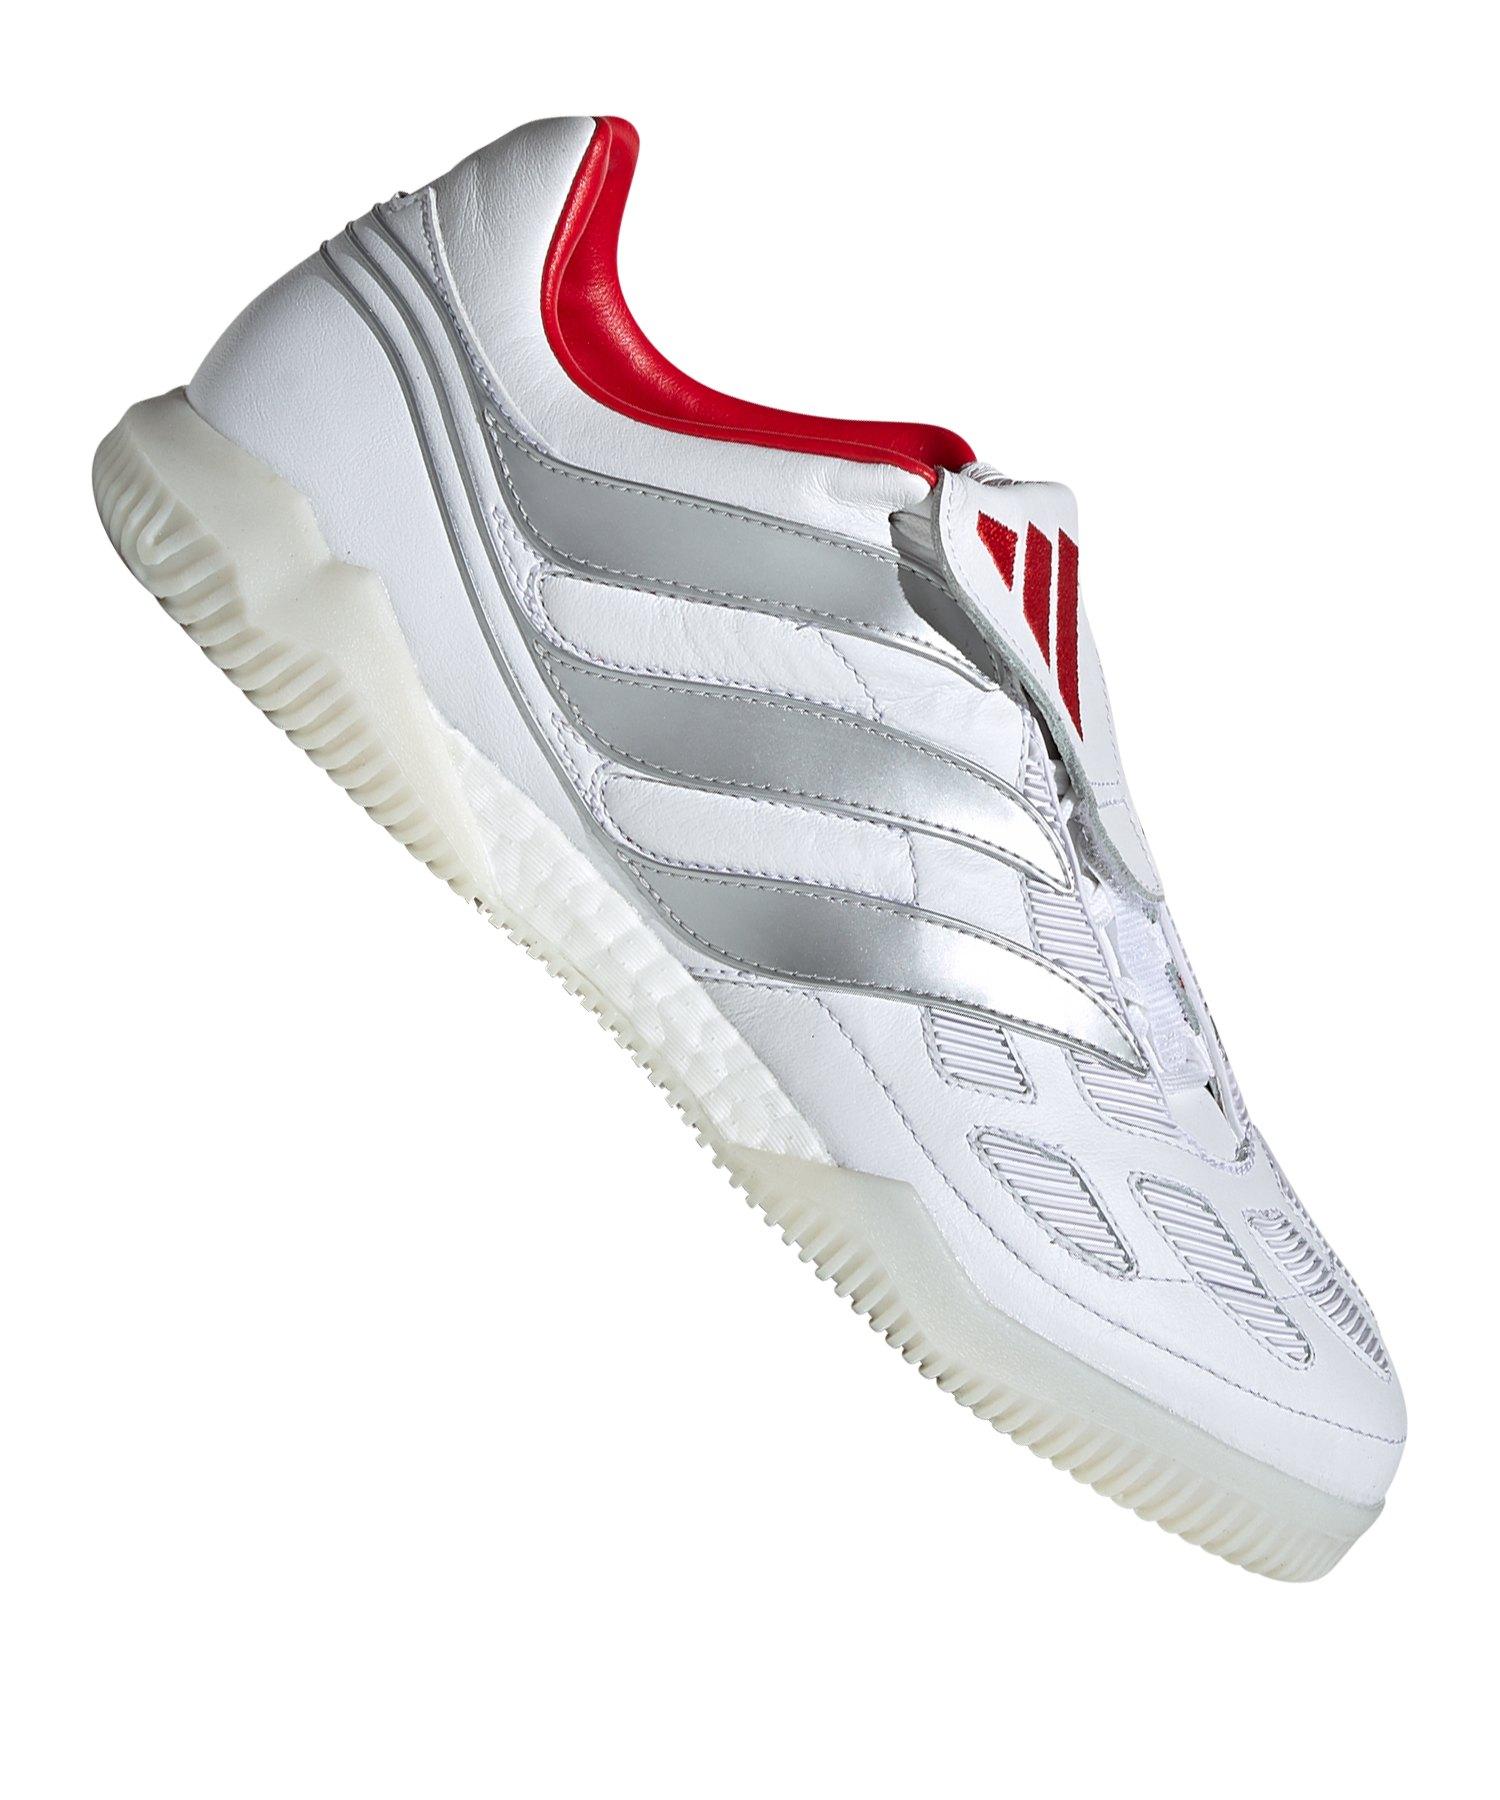 adidas predator precision fg beckham rot